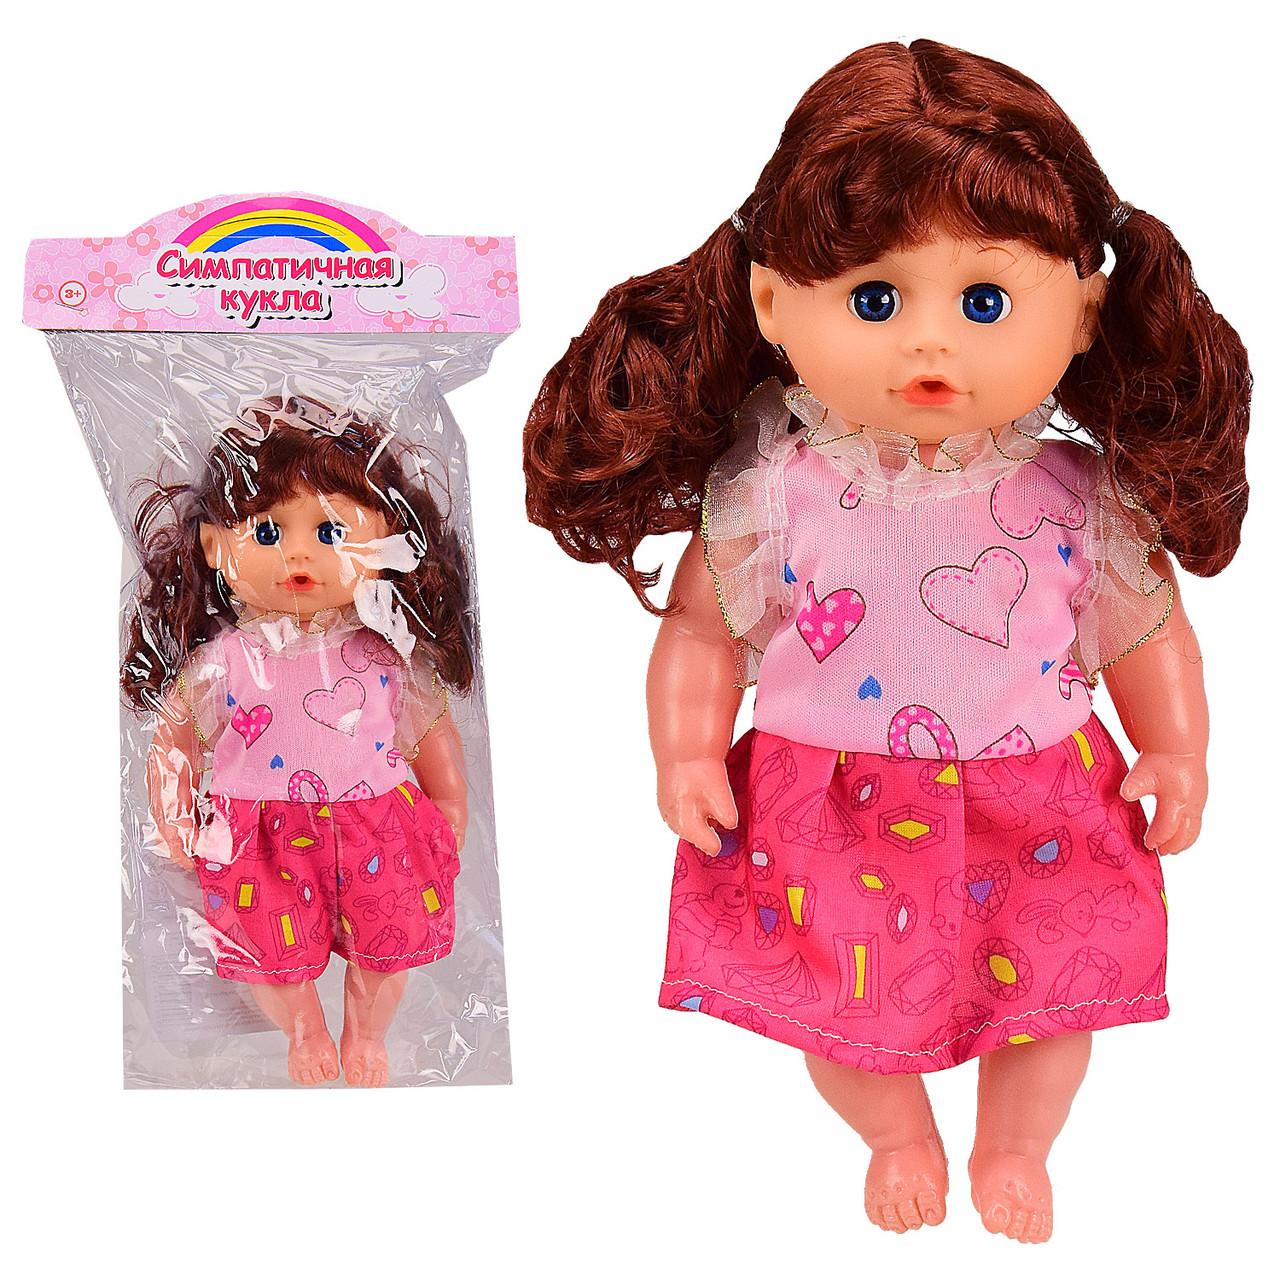 Кукла муз E335-93 (60шт/2) русский чип,в пакете 20*36 см, р-р игрушки - 18 см(КИ)